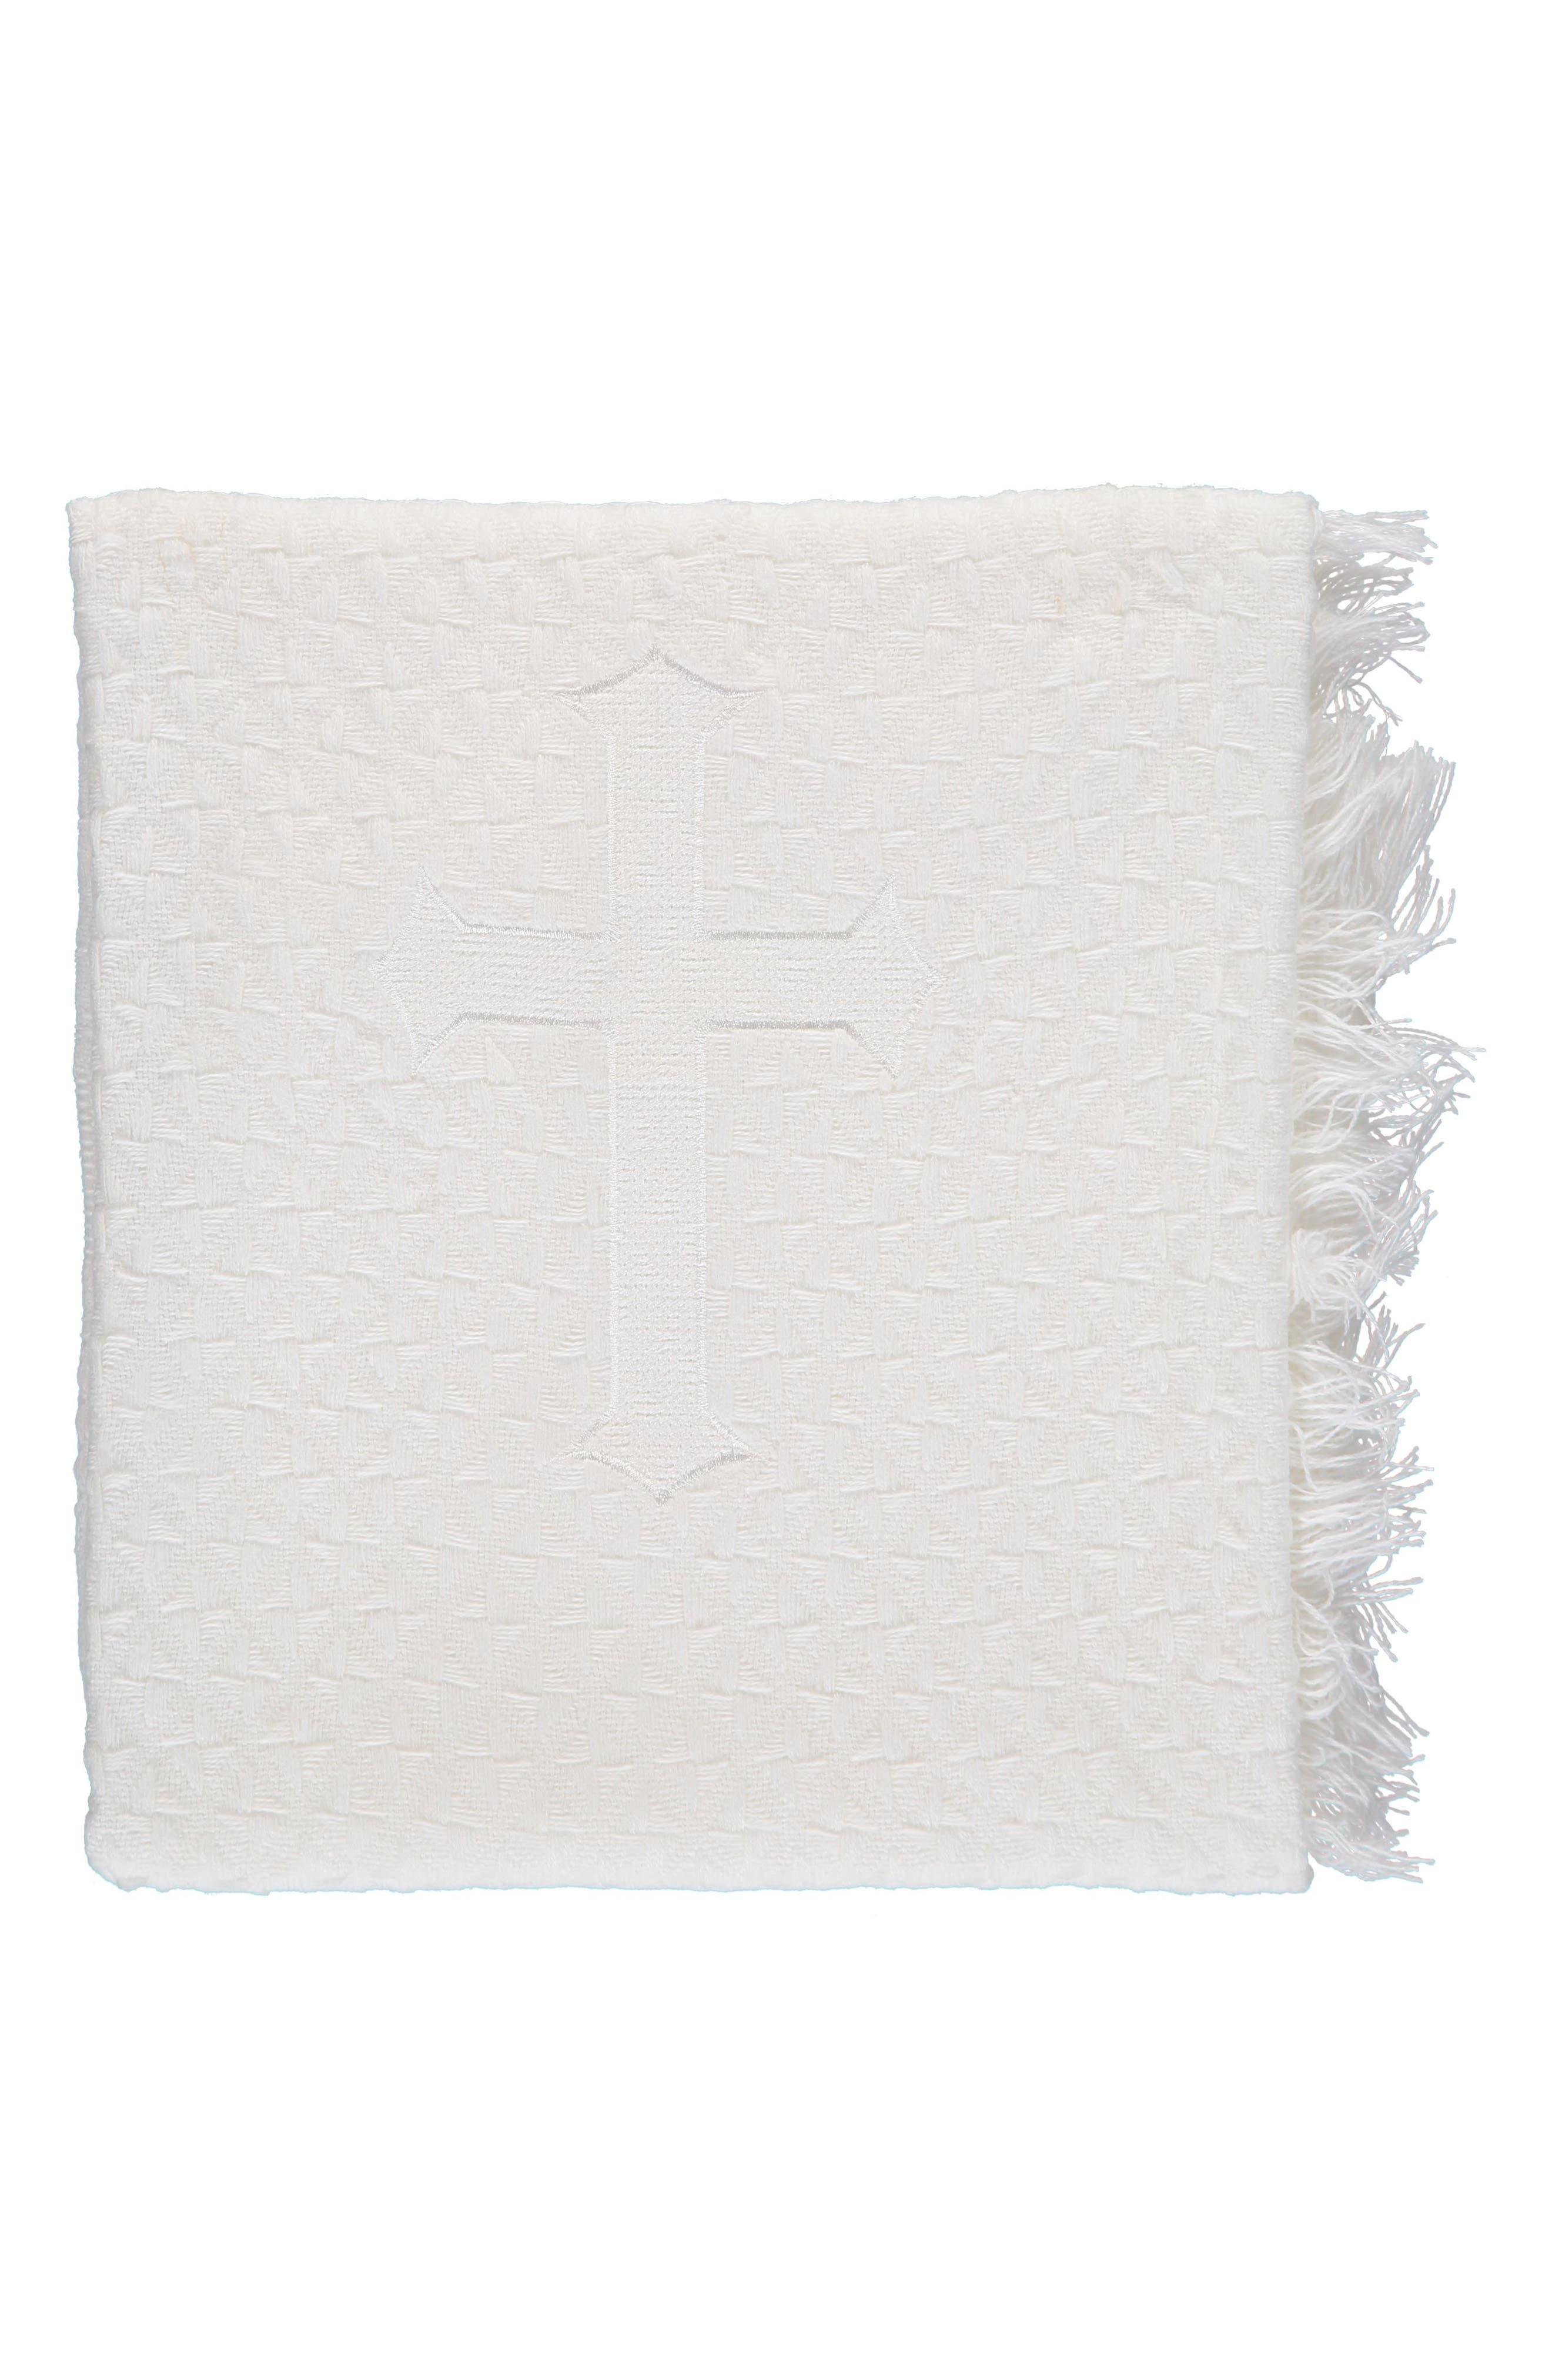 Christening Blanket,                         Main,                         color, White